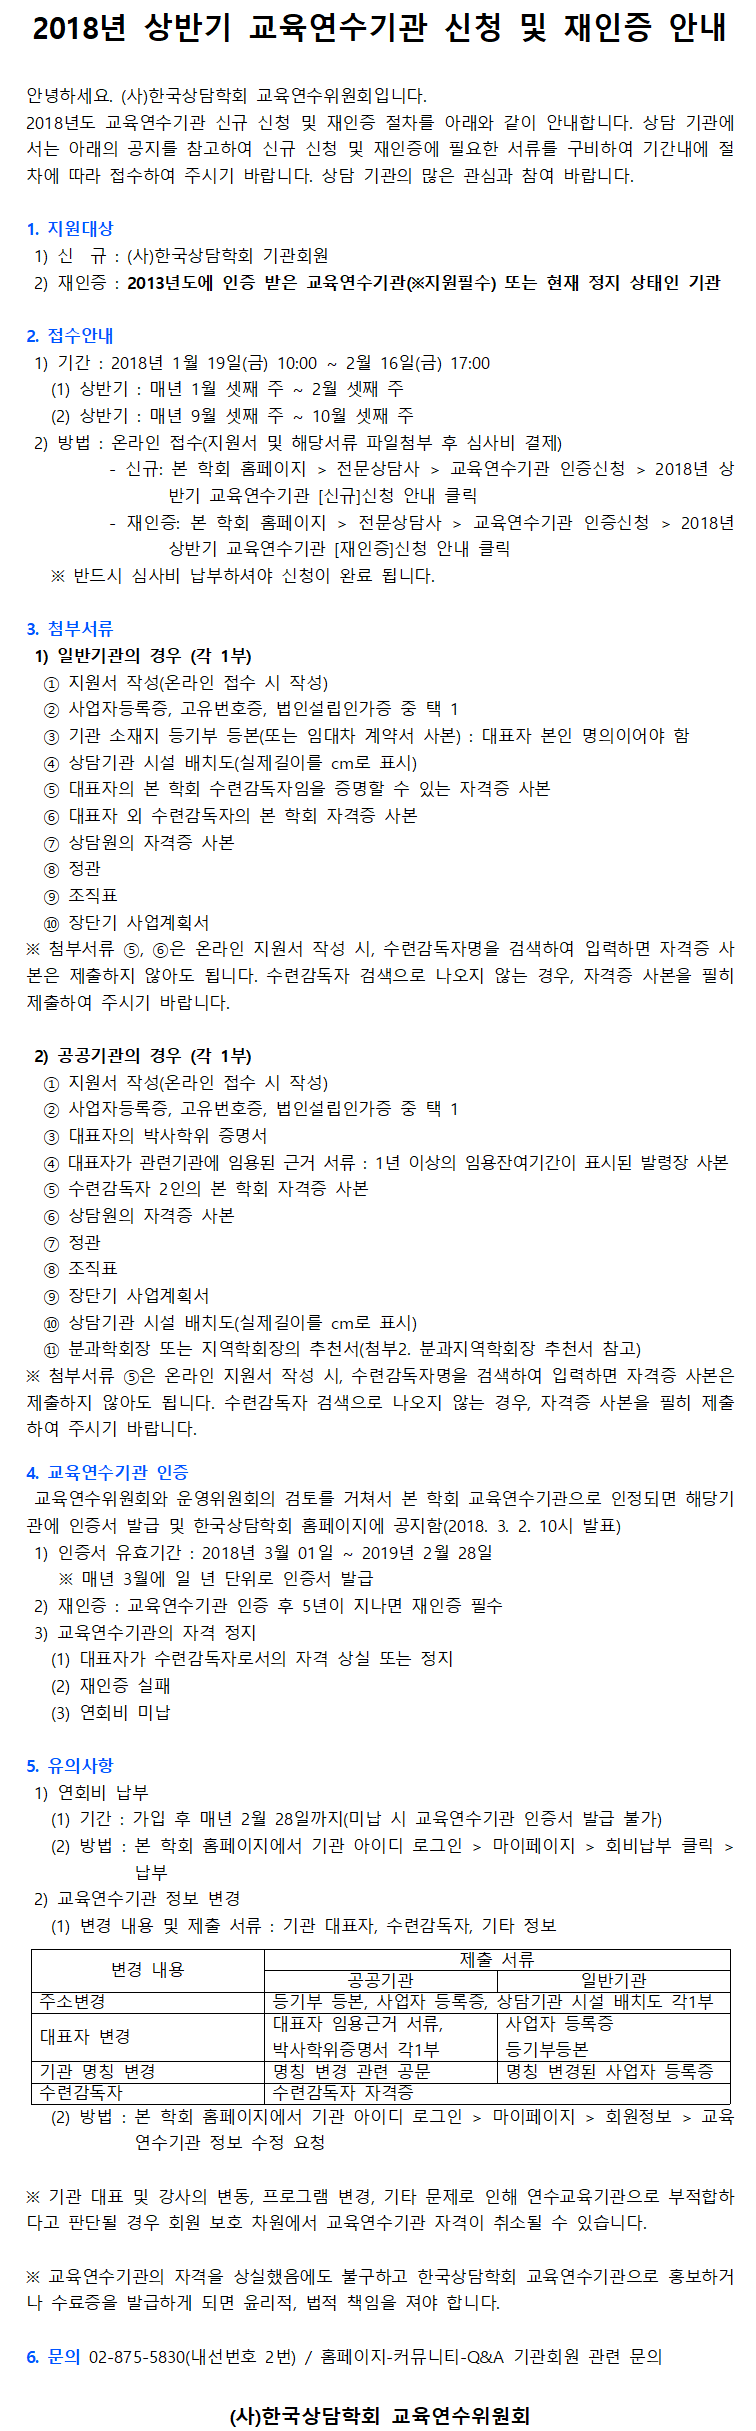 공지용 2018년 상반기 교육연수기관 신규 및 재인증 안내문(공지글).png